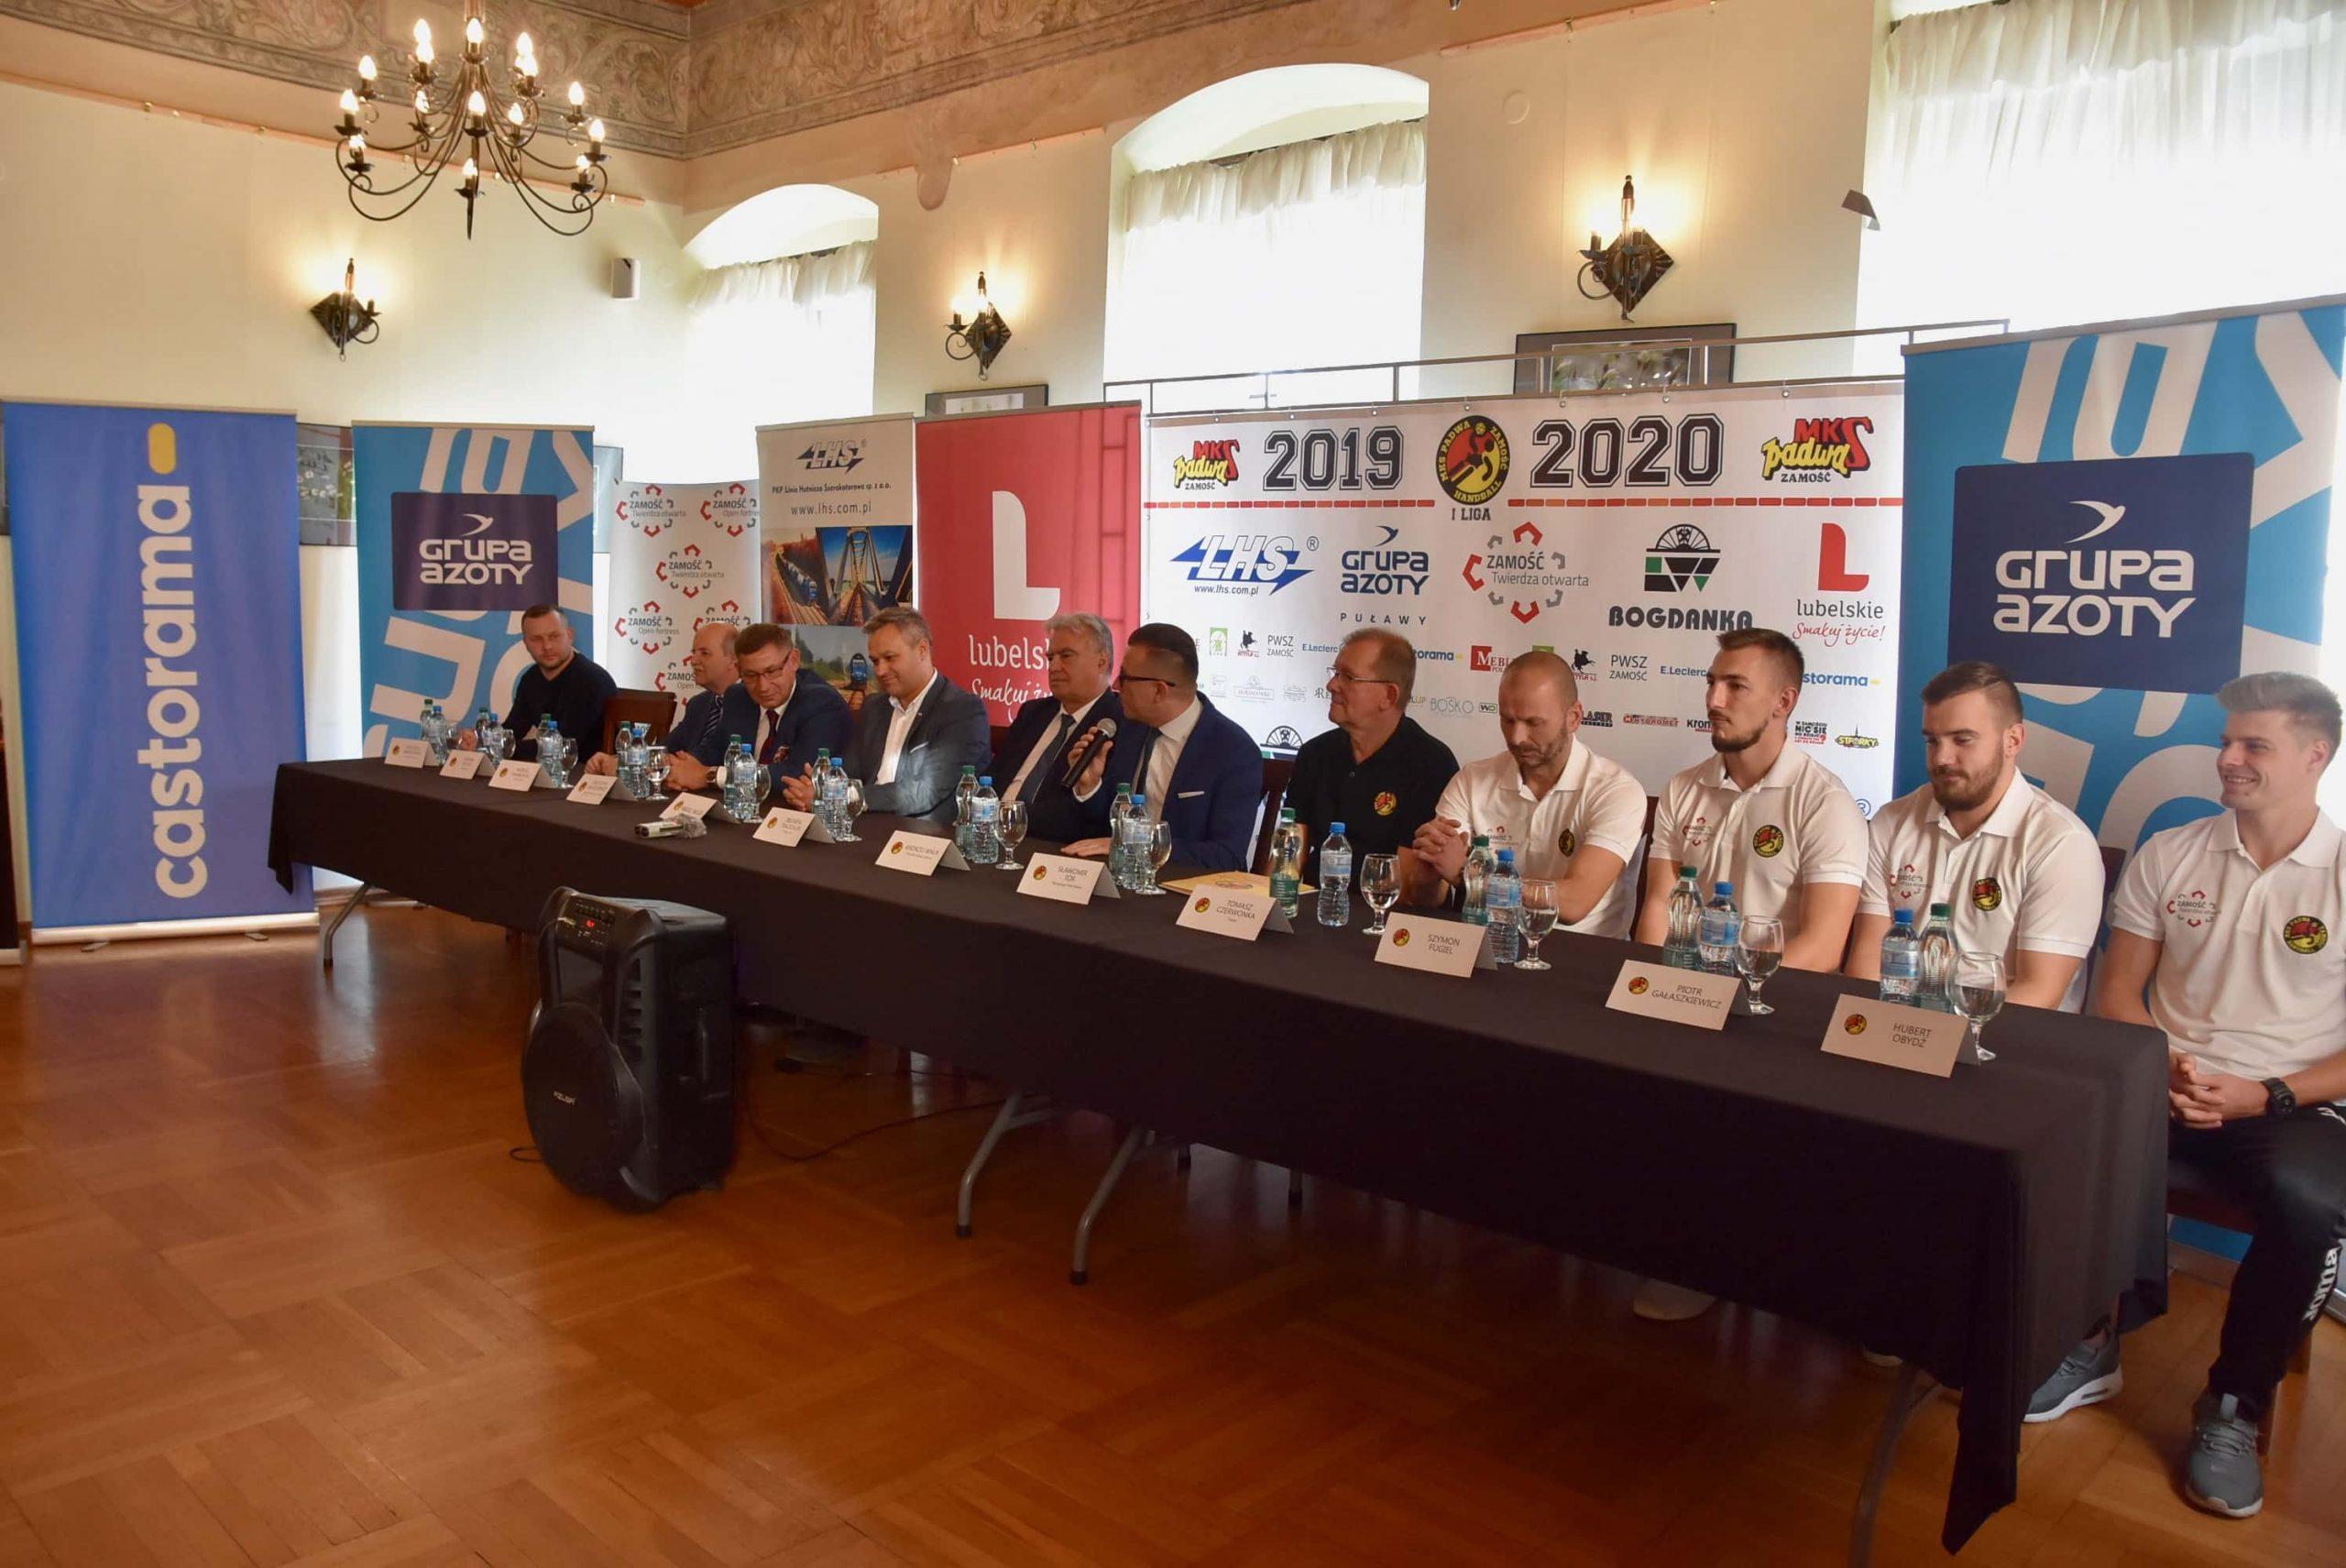 dsc 7934 scaled Sponsorzy, samorządowcy, działacze, zawodnicy na konferencji Padwy Zamość (film i zdjęcia)